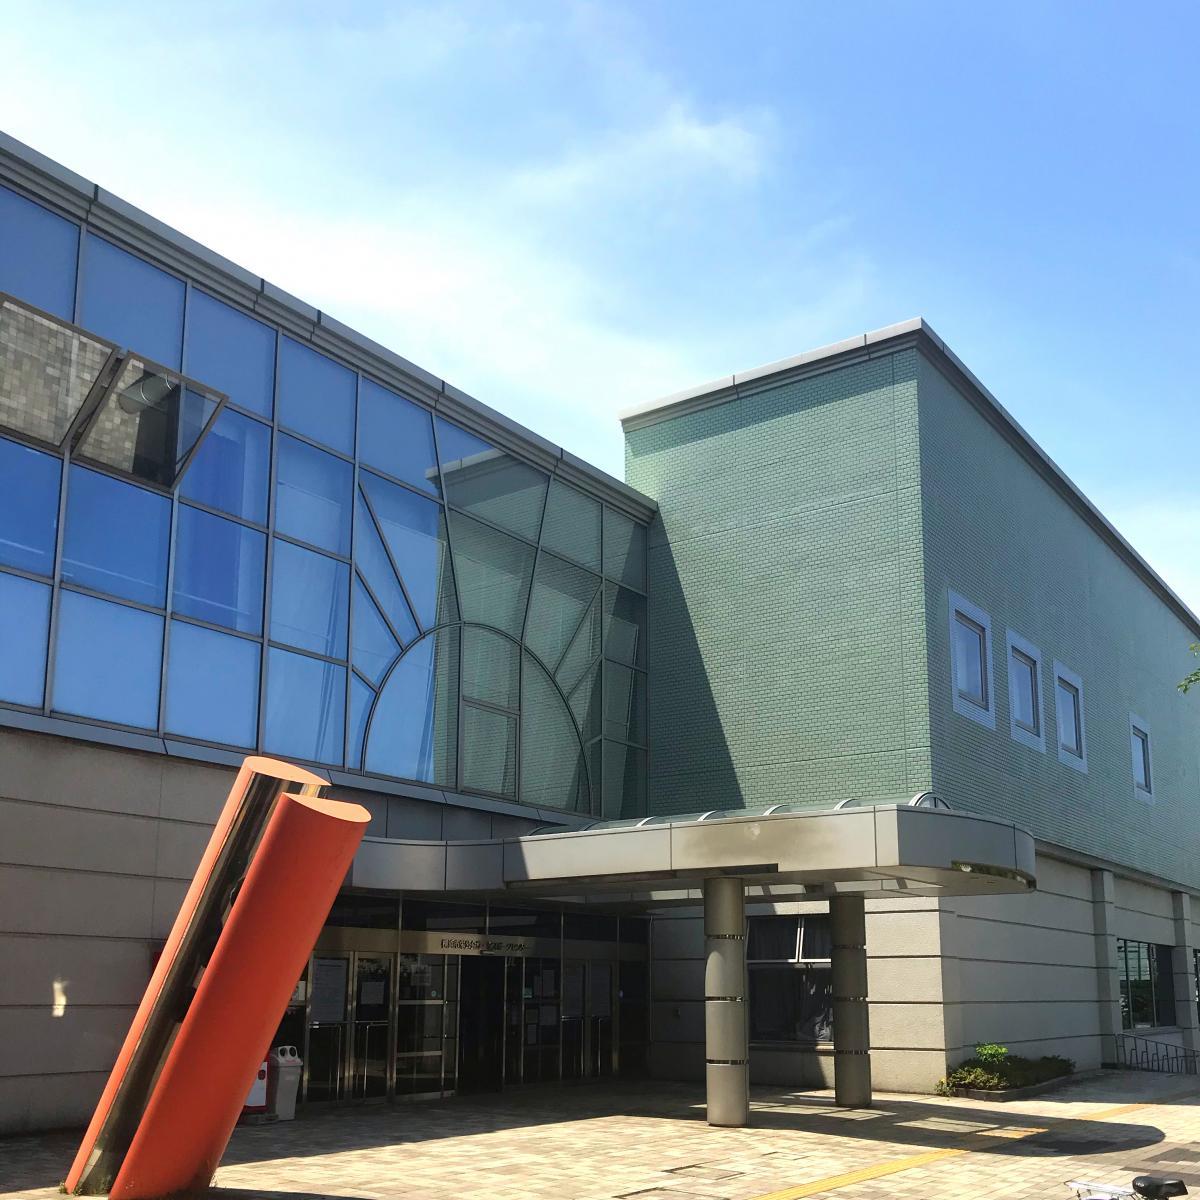 中央 局 徳島 マリンピア 分室 郵便 徳島中央郵便局マリンピア分室